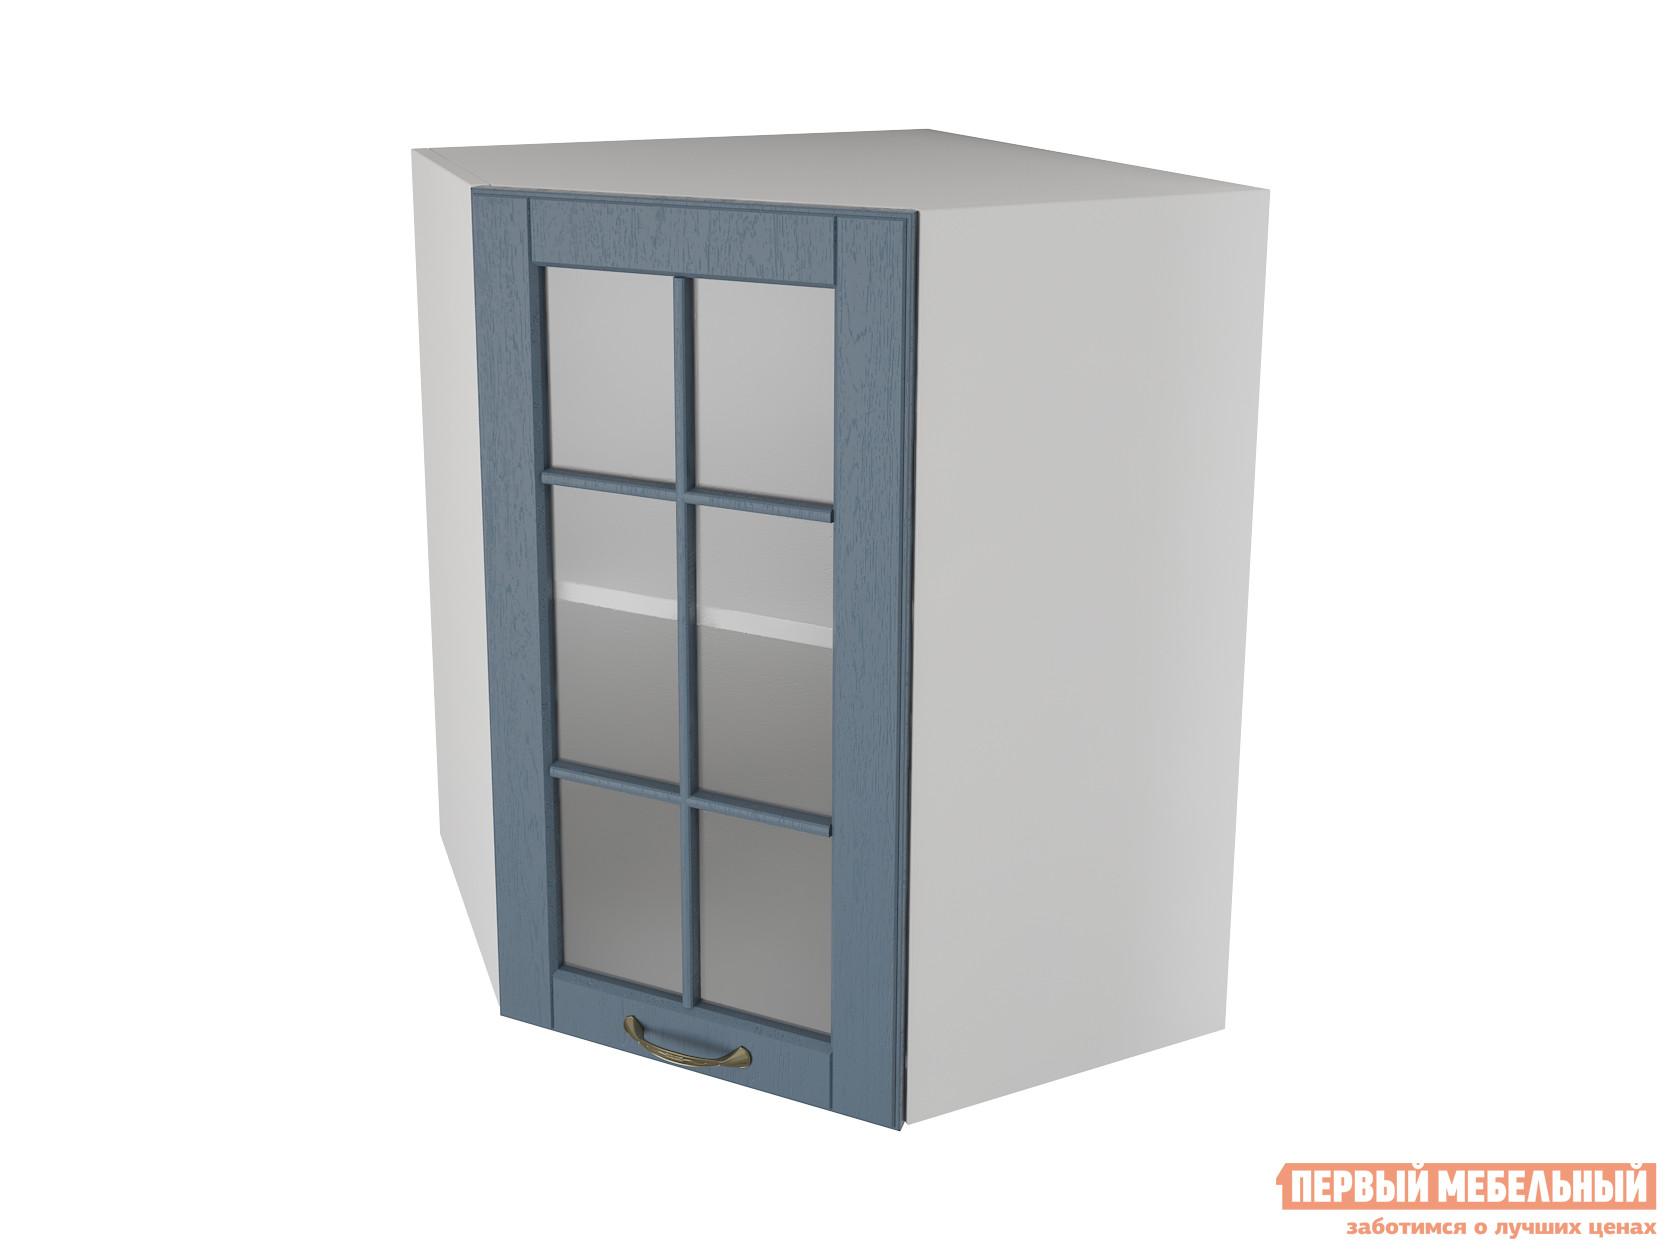 Кухонный модуль Первый Мебельный Шкаф угловой трапеция 1 дверь со стеклом 55 см Палермо